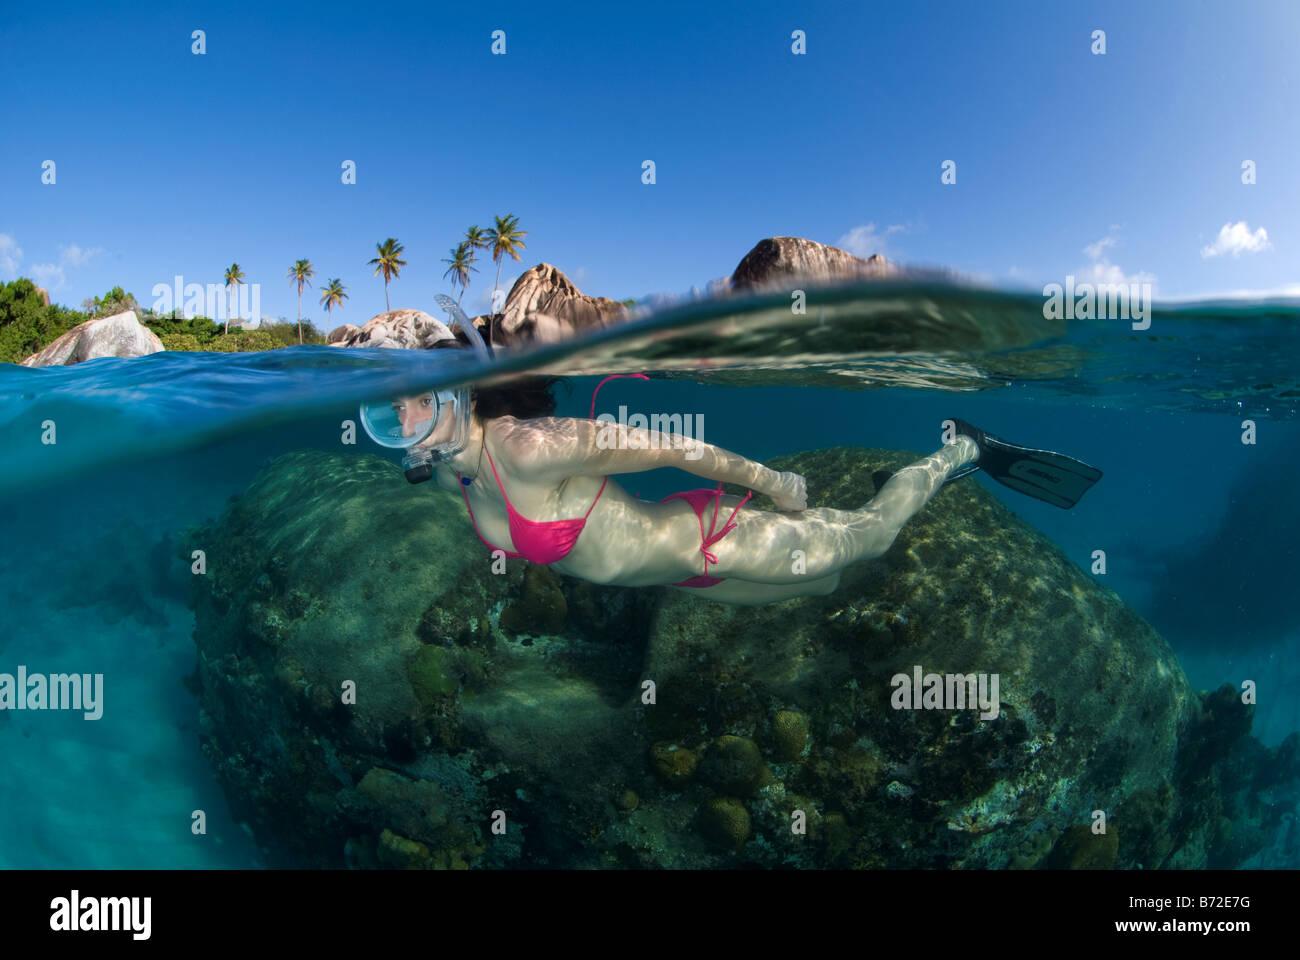 Snorkeling en Baños playa, Islas Vírgenes Británicas, hembra diver, máscara oval, bikini, agua Imagen De Stock